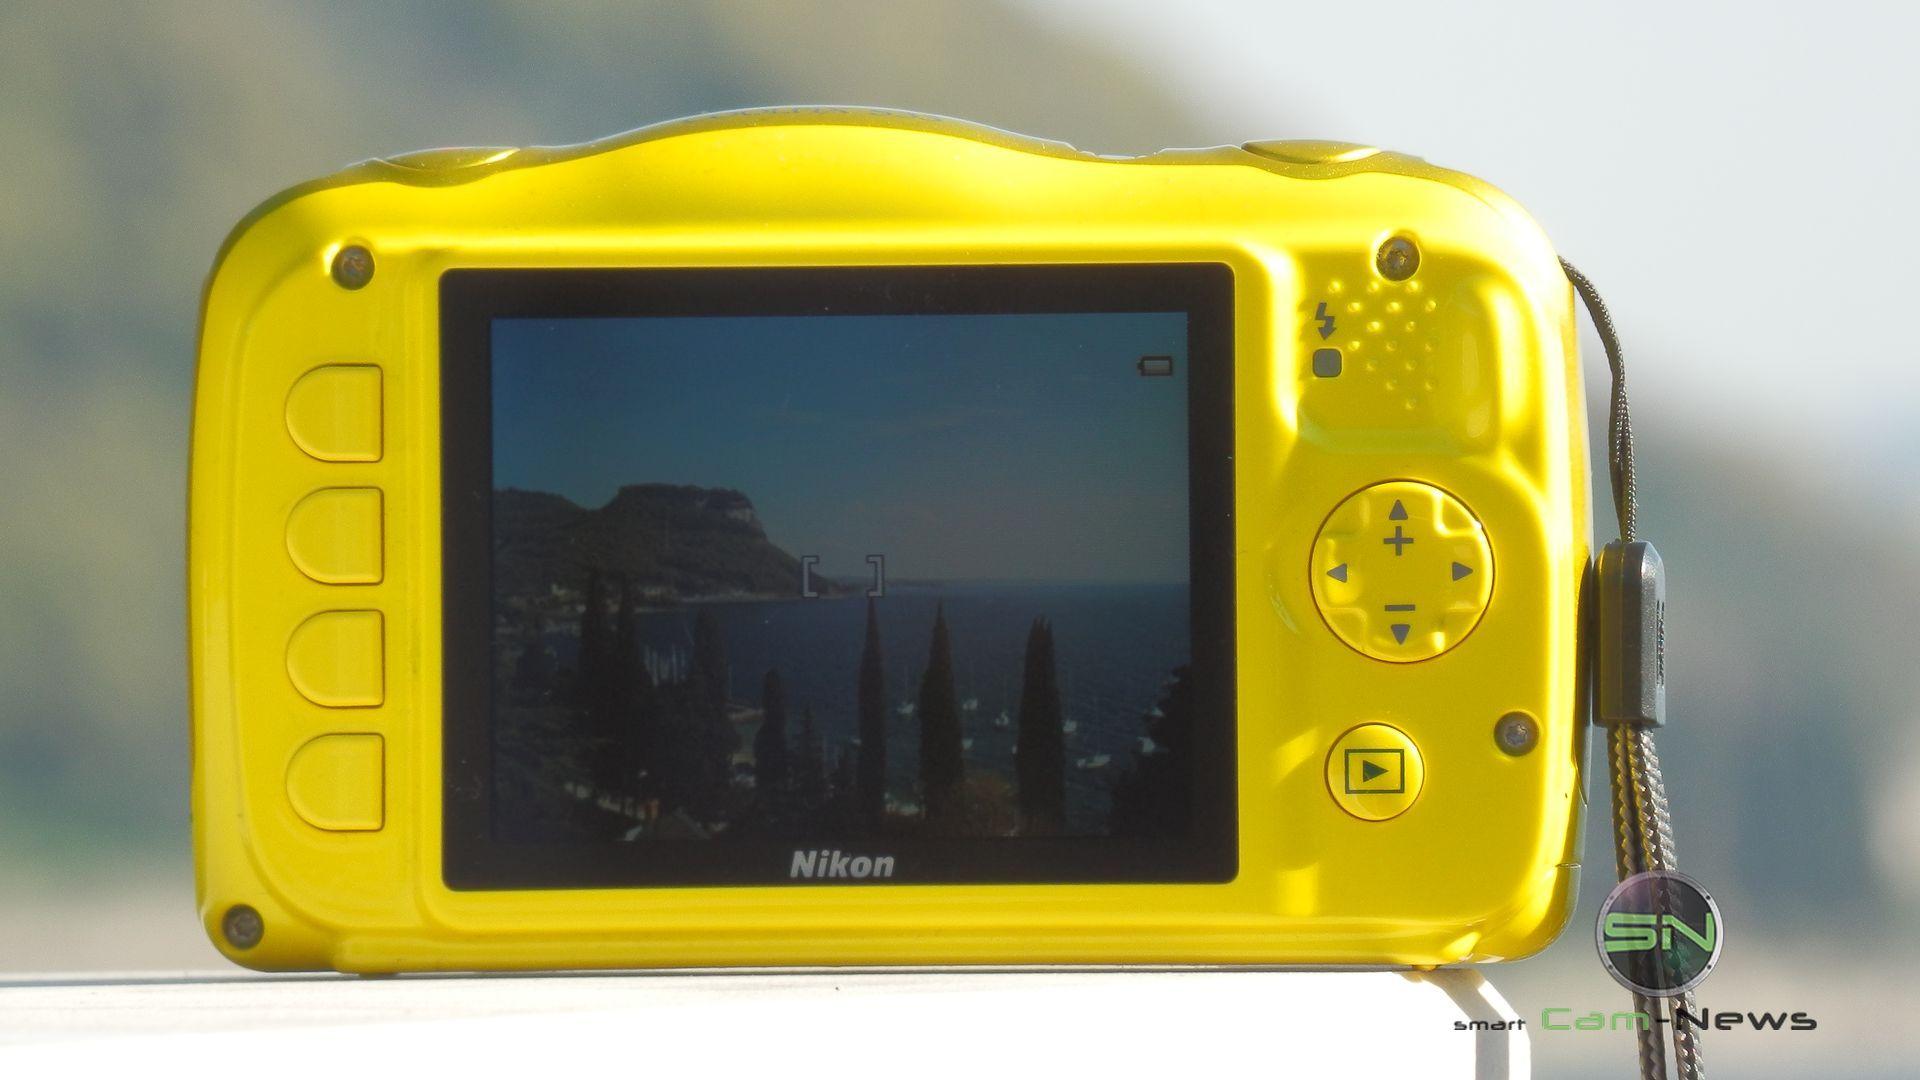 Landschaftsmodus Nikon S33 Outdoor Kids Ca SmartCamNews.jpg